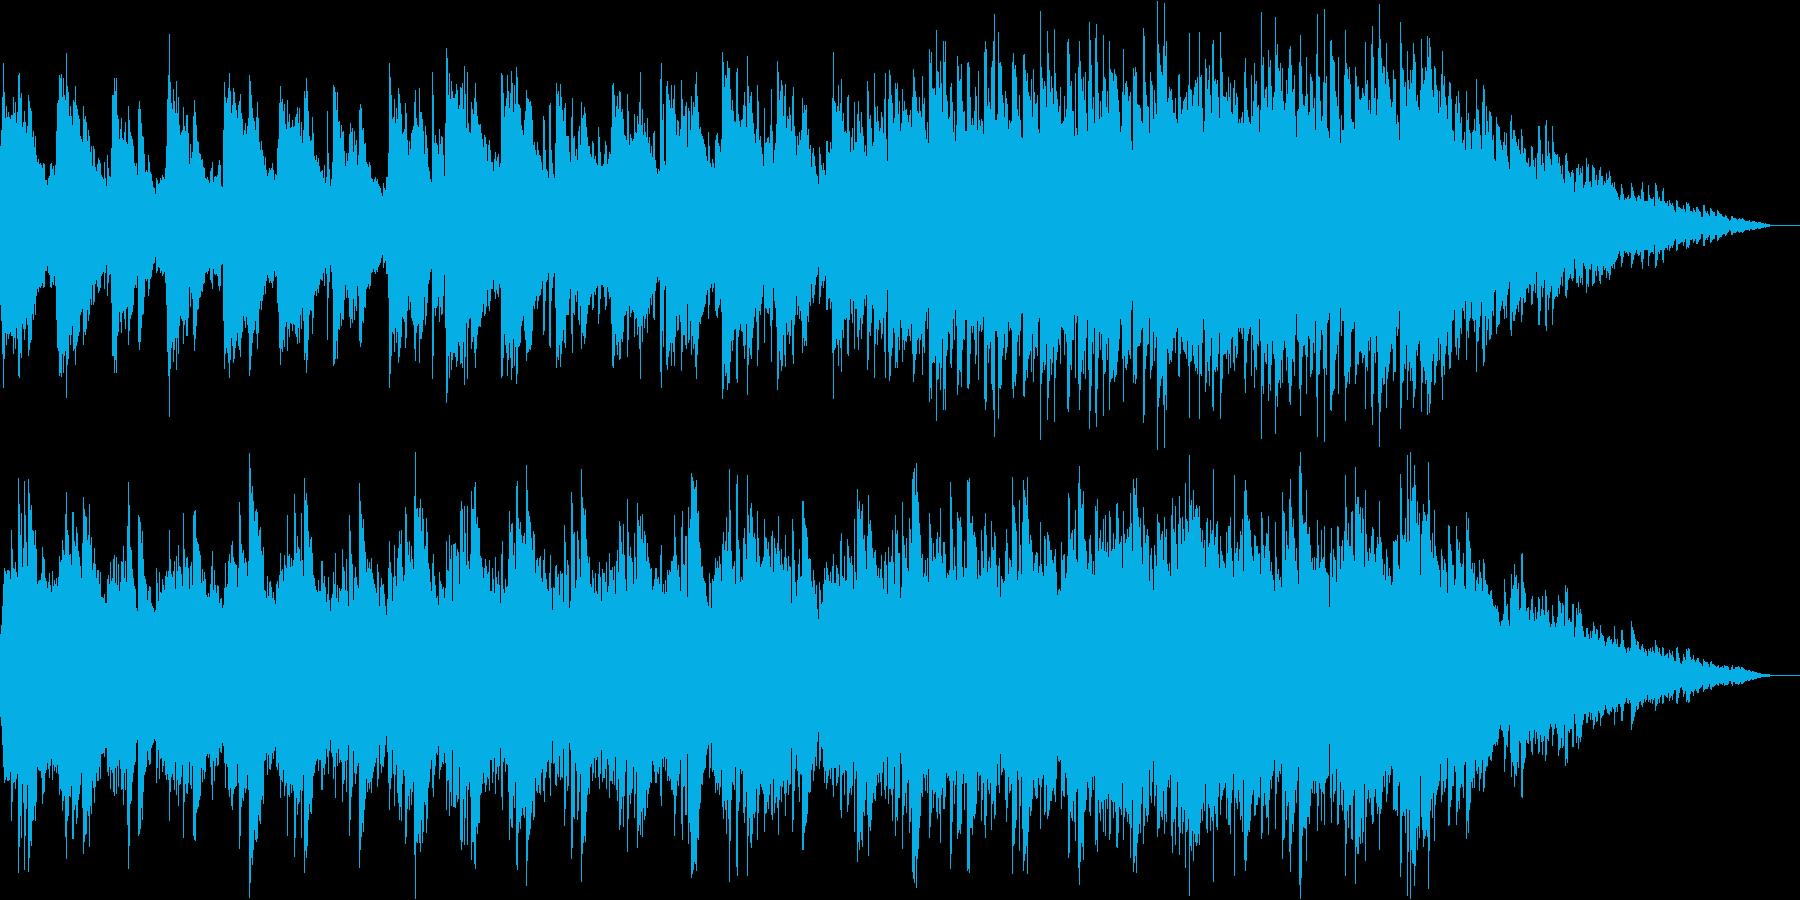 3<Aギター生演奏>はじまりの合図の再生済みの波形